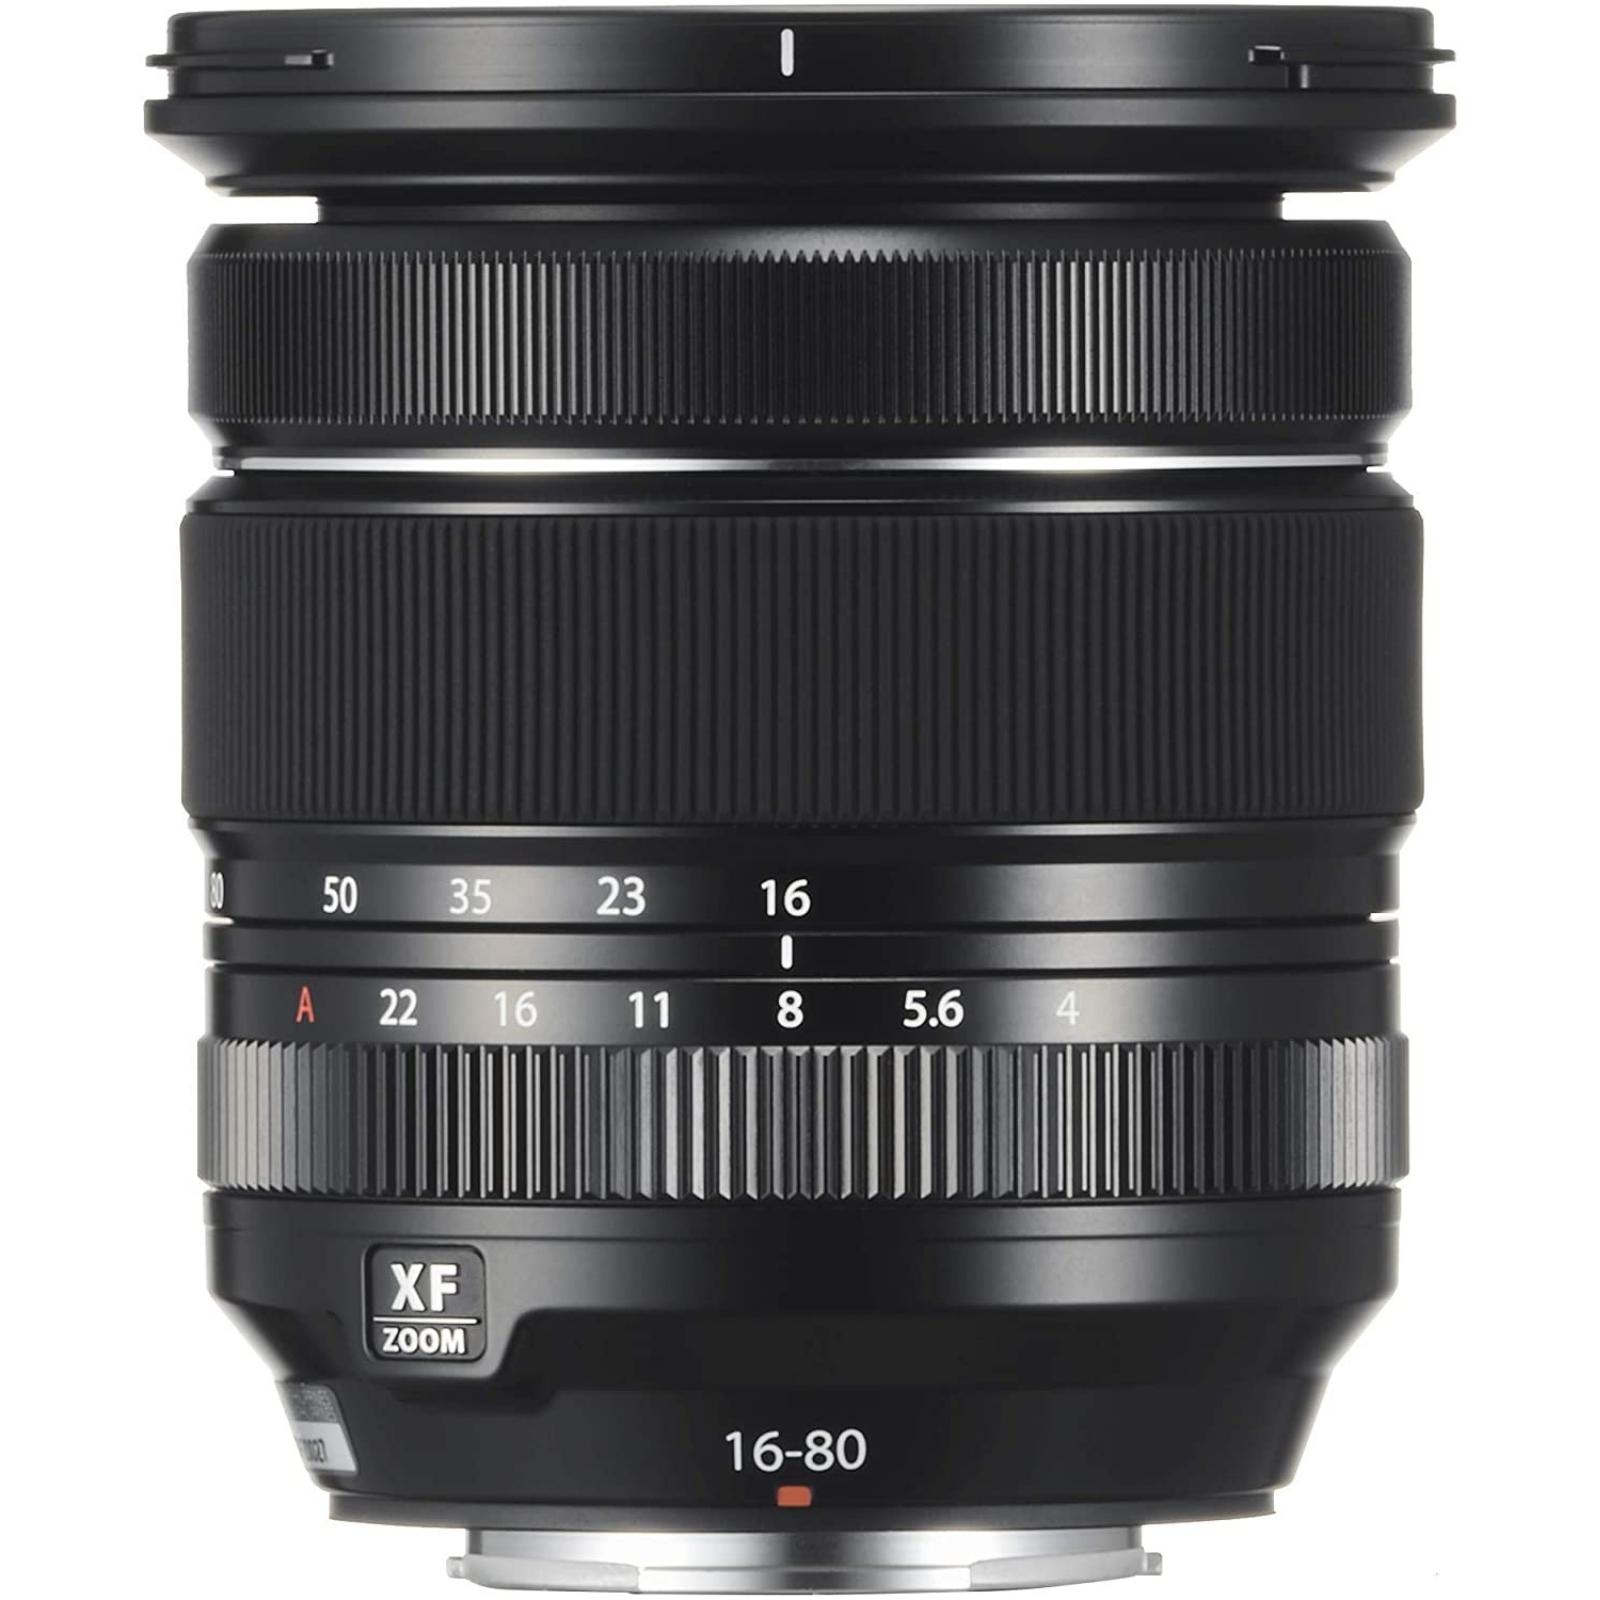 FUJIFILM 富士フィルム フジノンレンズ XF16-80mmF4 R OIS WR 新品 (並行輸入品、保証付き、簡易箱)